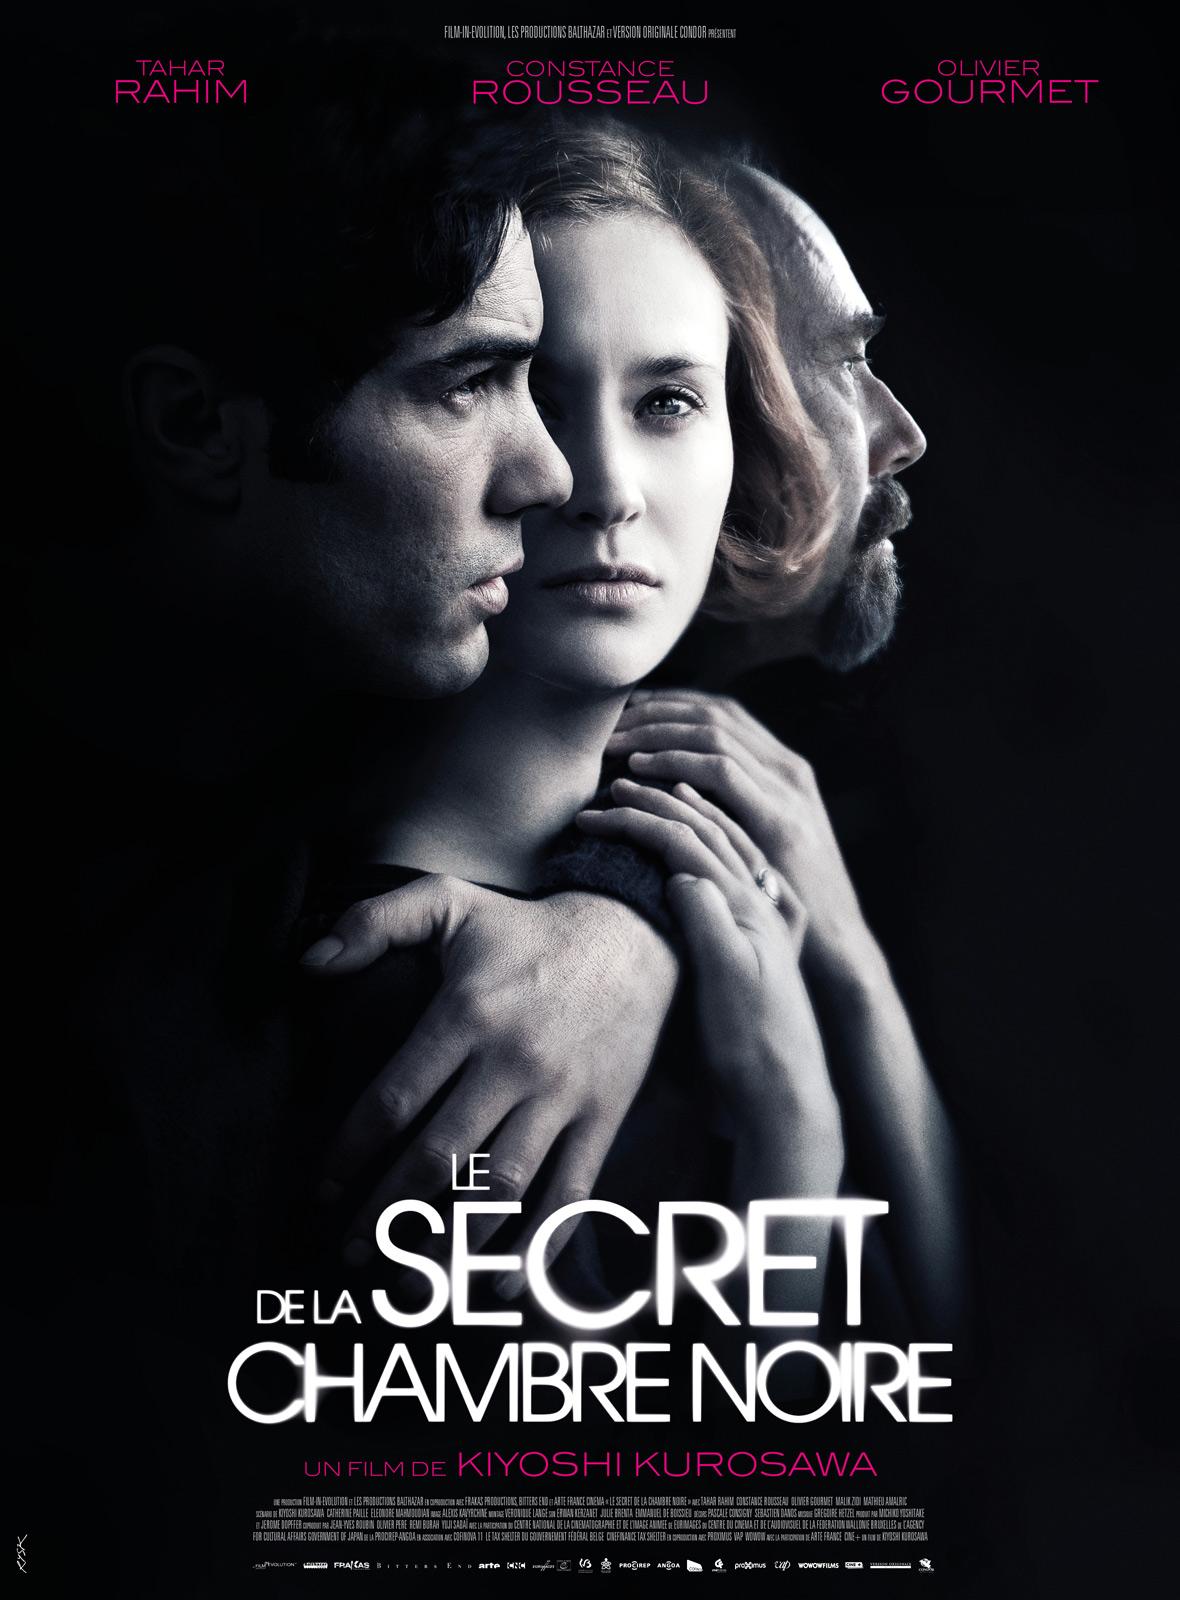 Le Secret de la chambre noire Français BDRiP